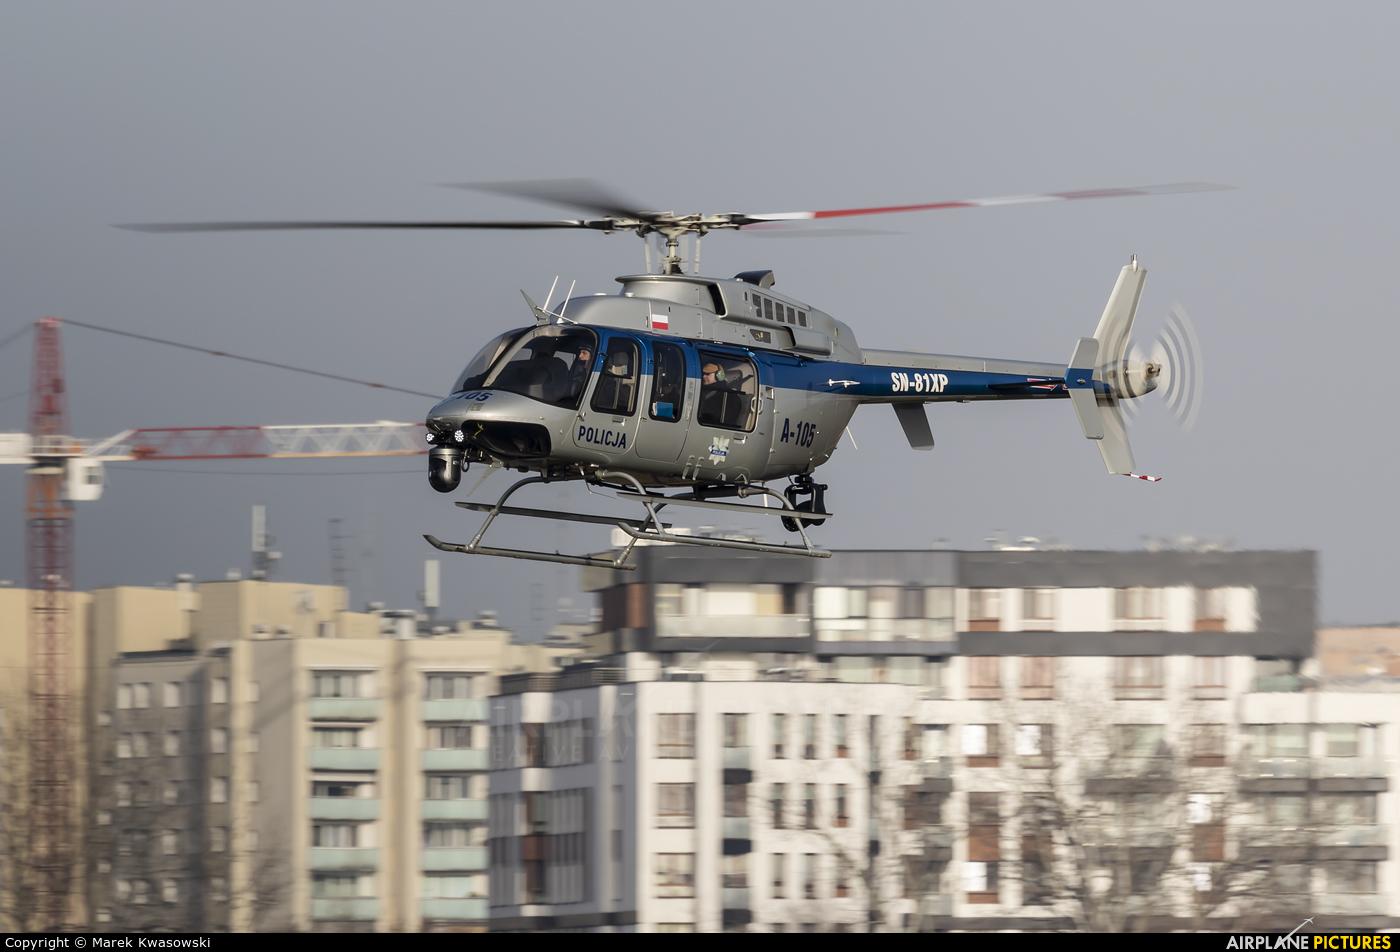 Poland - Police SN-81XP aircraft at Warsaw - Babice